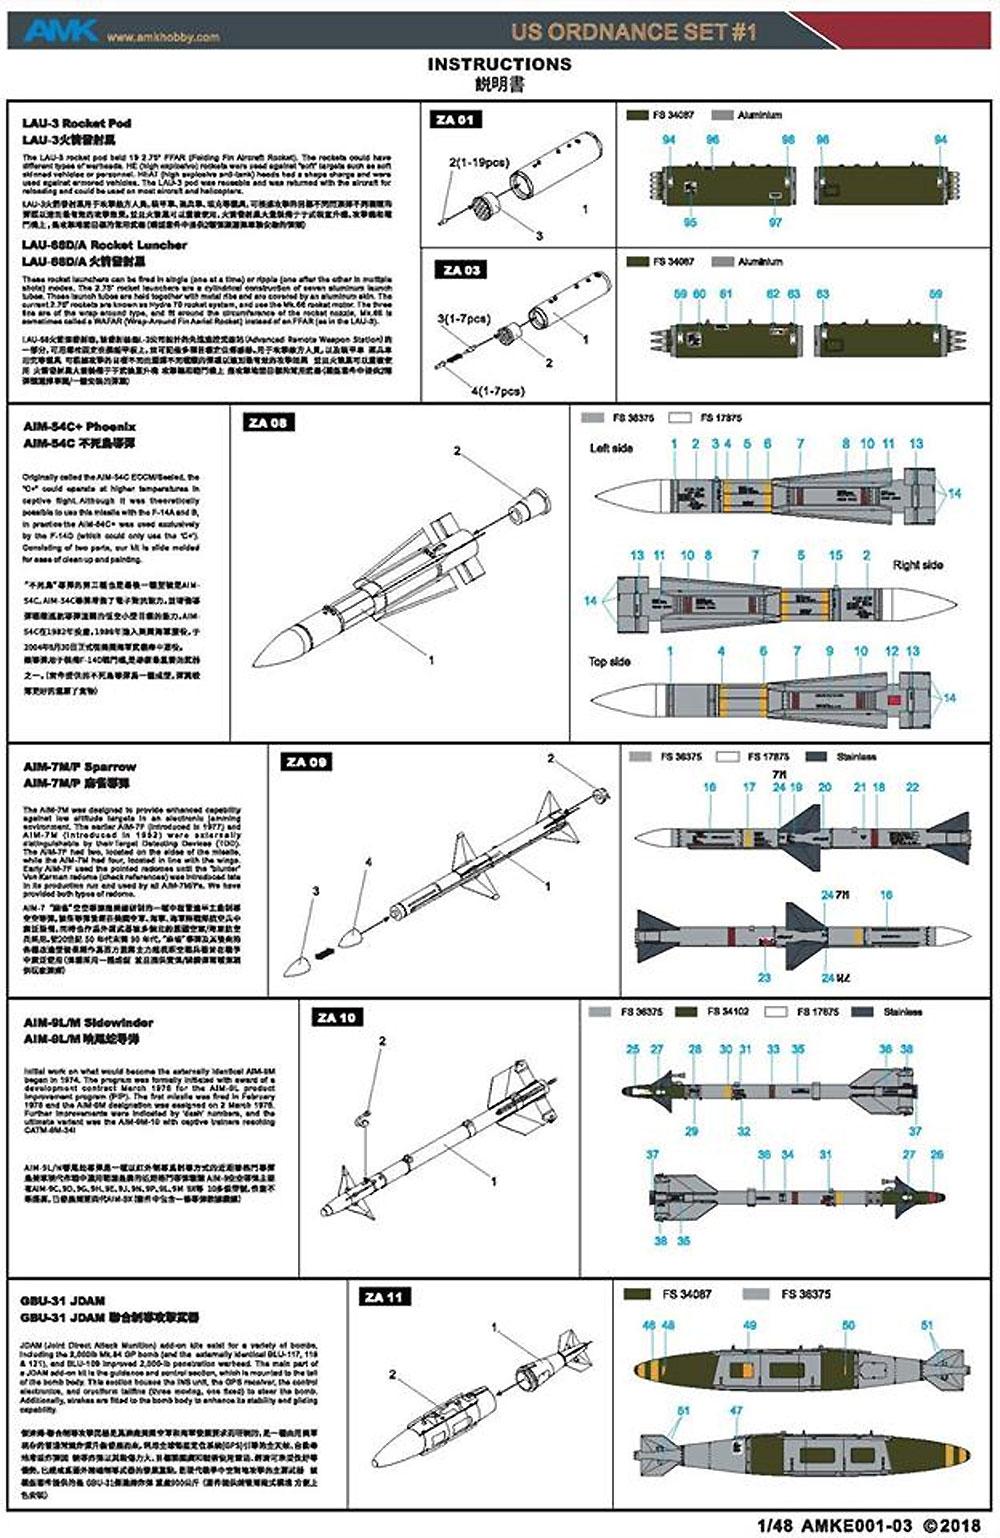 アメリカ 武装セット 1プラモデル(AMK1/48 Aircrafts seriesNo.88E01)商品画像_2